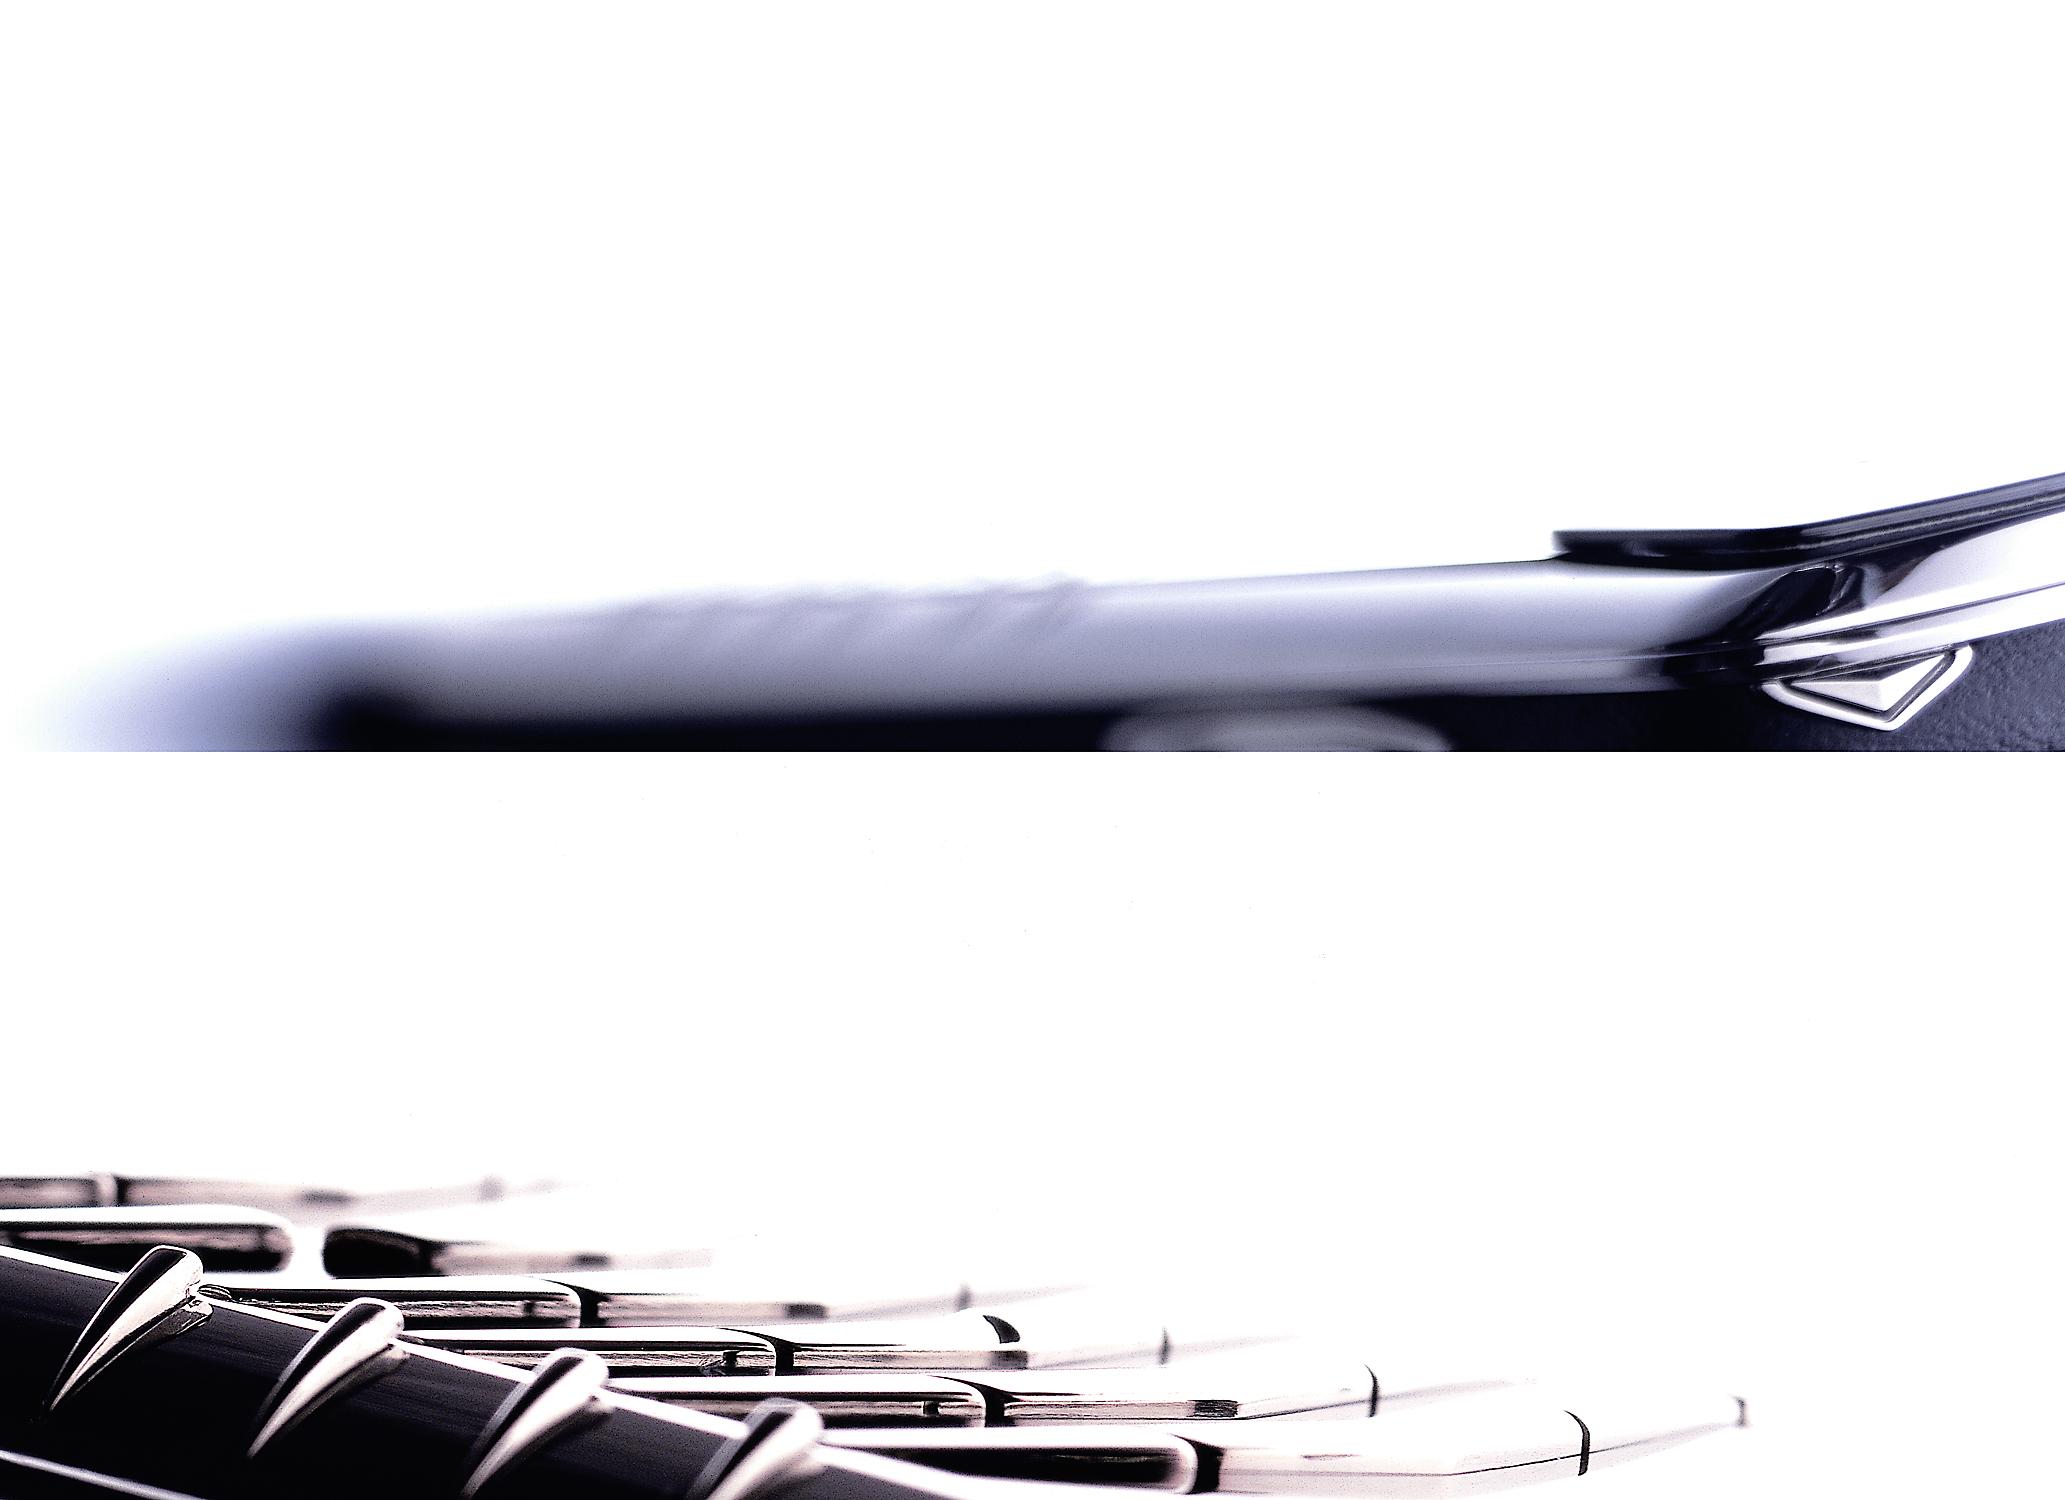 Vertu-3.jpg